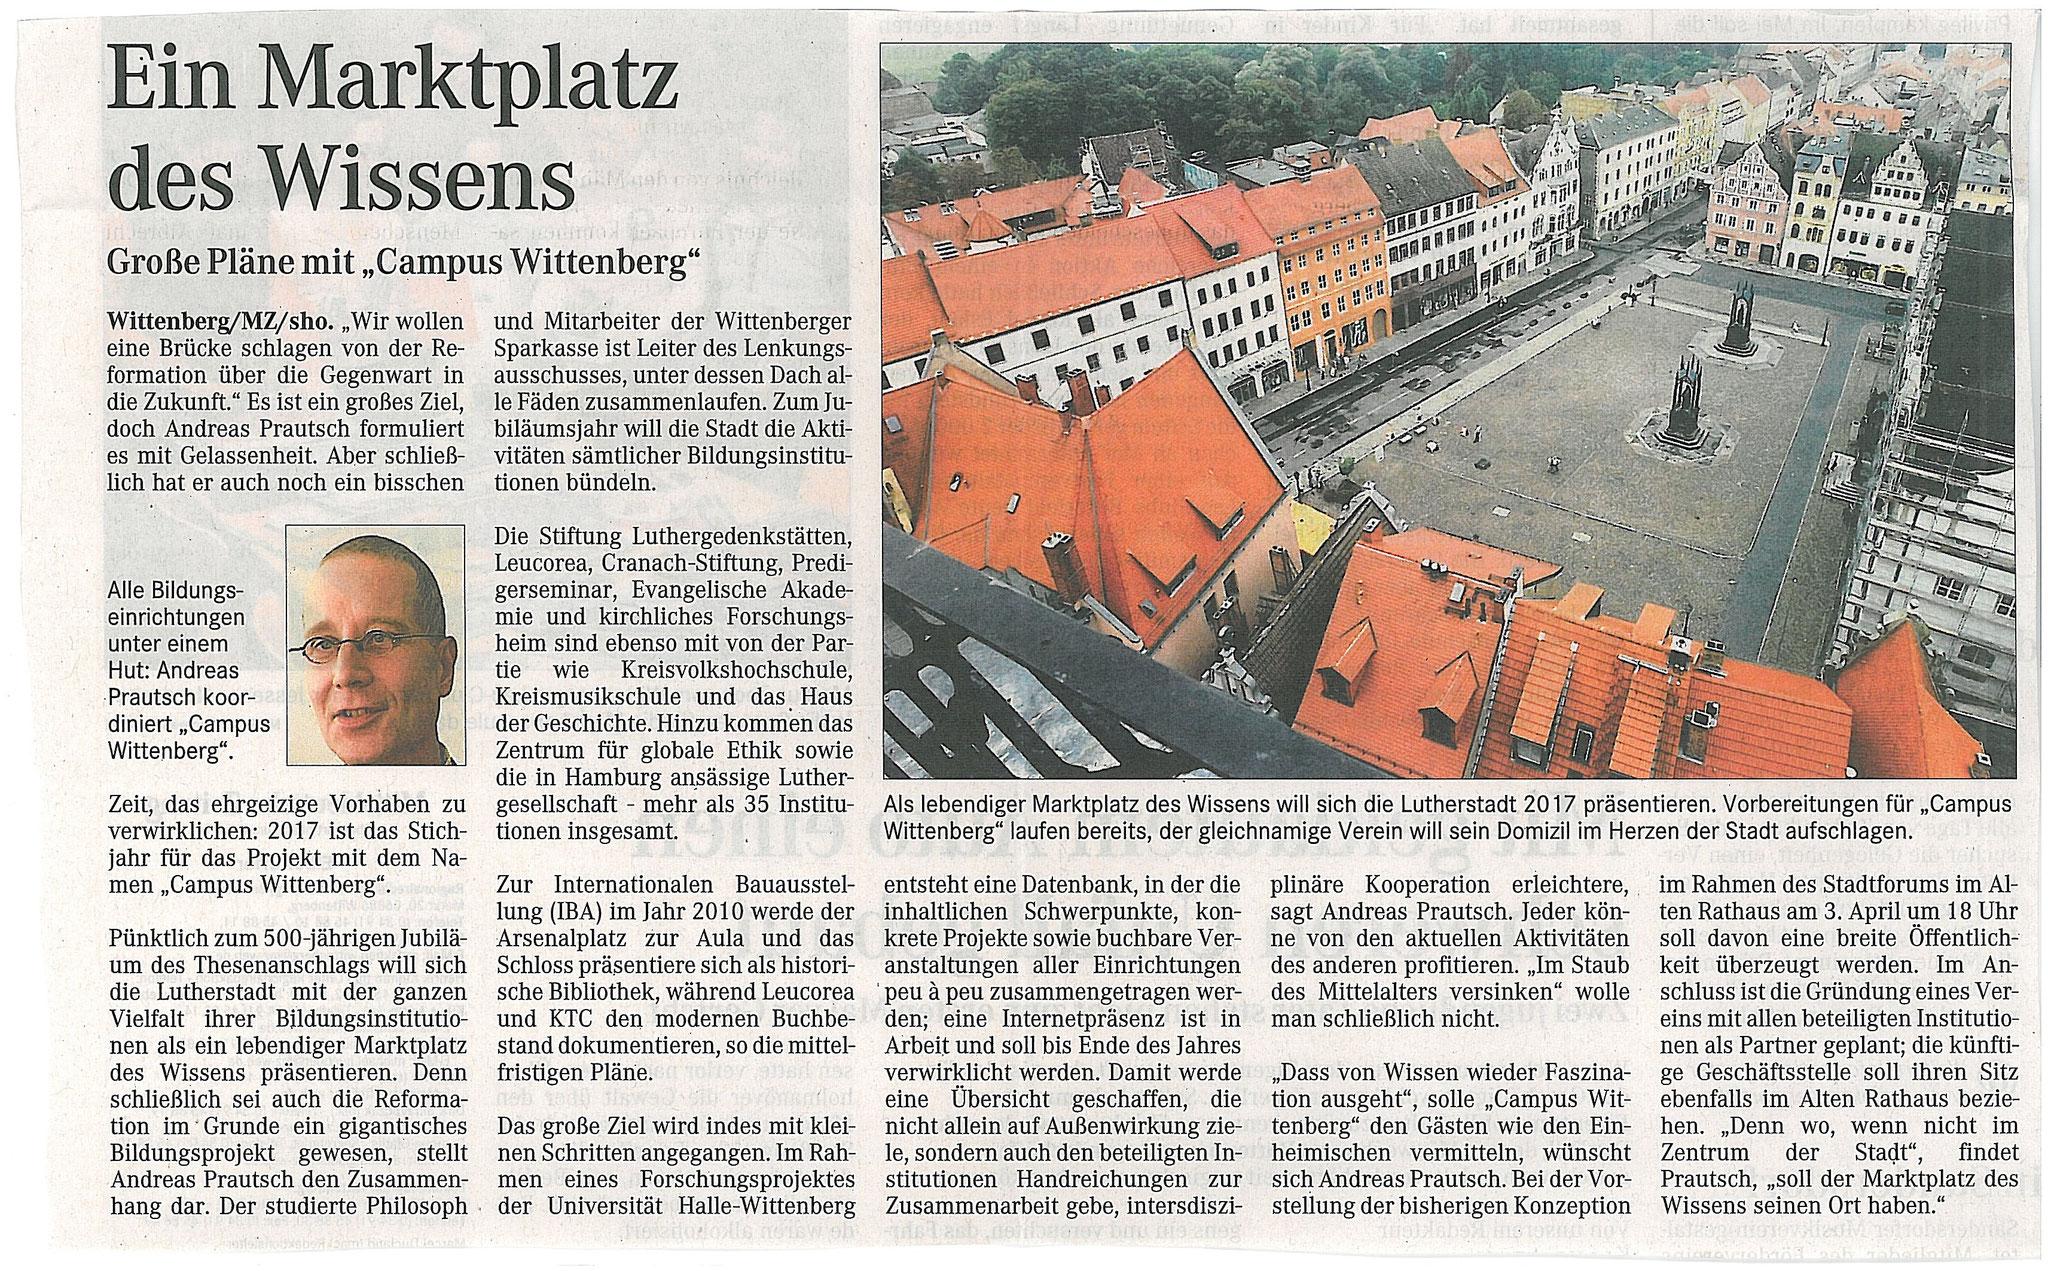 """Geschäftsführer CAMPUS  WITTENBERG: Befristete Abordnung zur """"IBA 2010"""" als Wissenschaftssponsoring der Sparkasse  - 2006"""